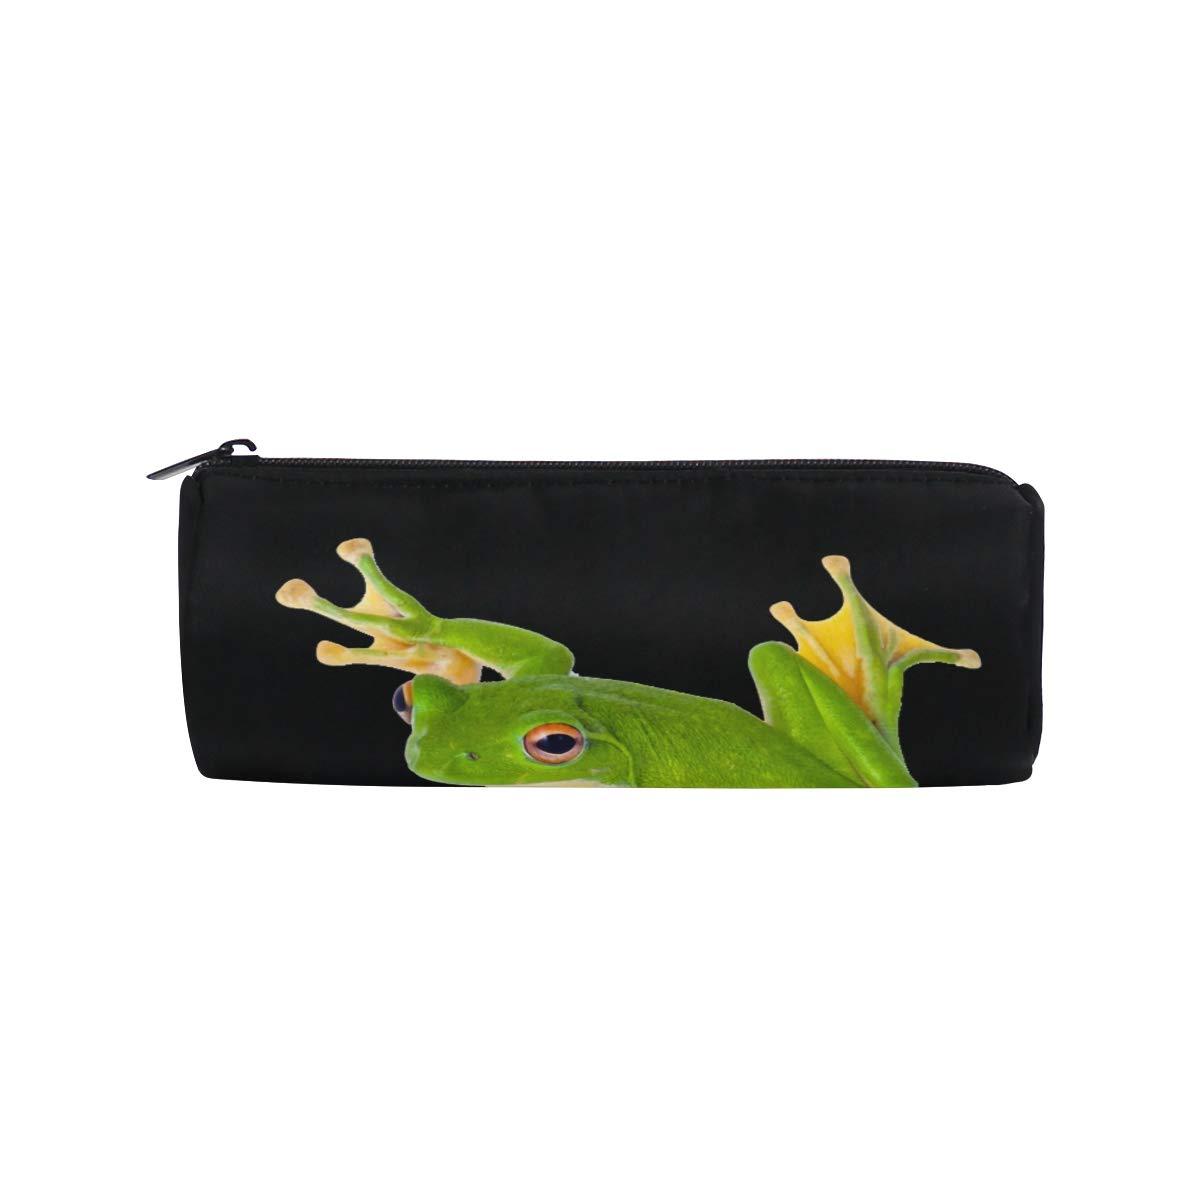 Bolso para bolígrafo Lindo y hermoso Funda de rana arbórea verde Estuche para lápices Estuche para bolígrafo Bolsa para estuche para lápices Bolsa de bolígrafos Bolso de regalo para escuela/oficina: Amazon.es: Oficina